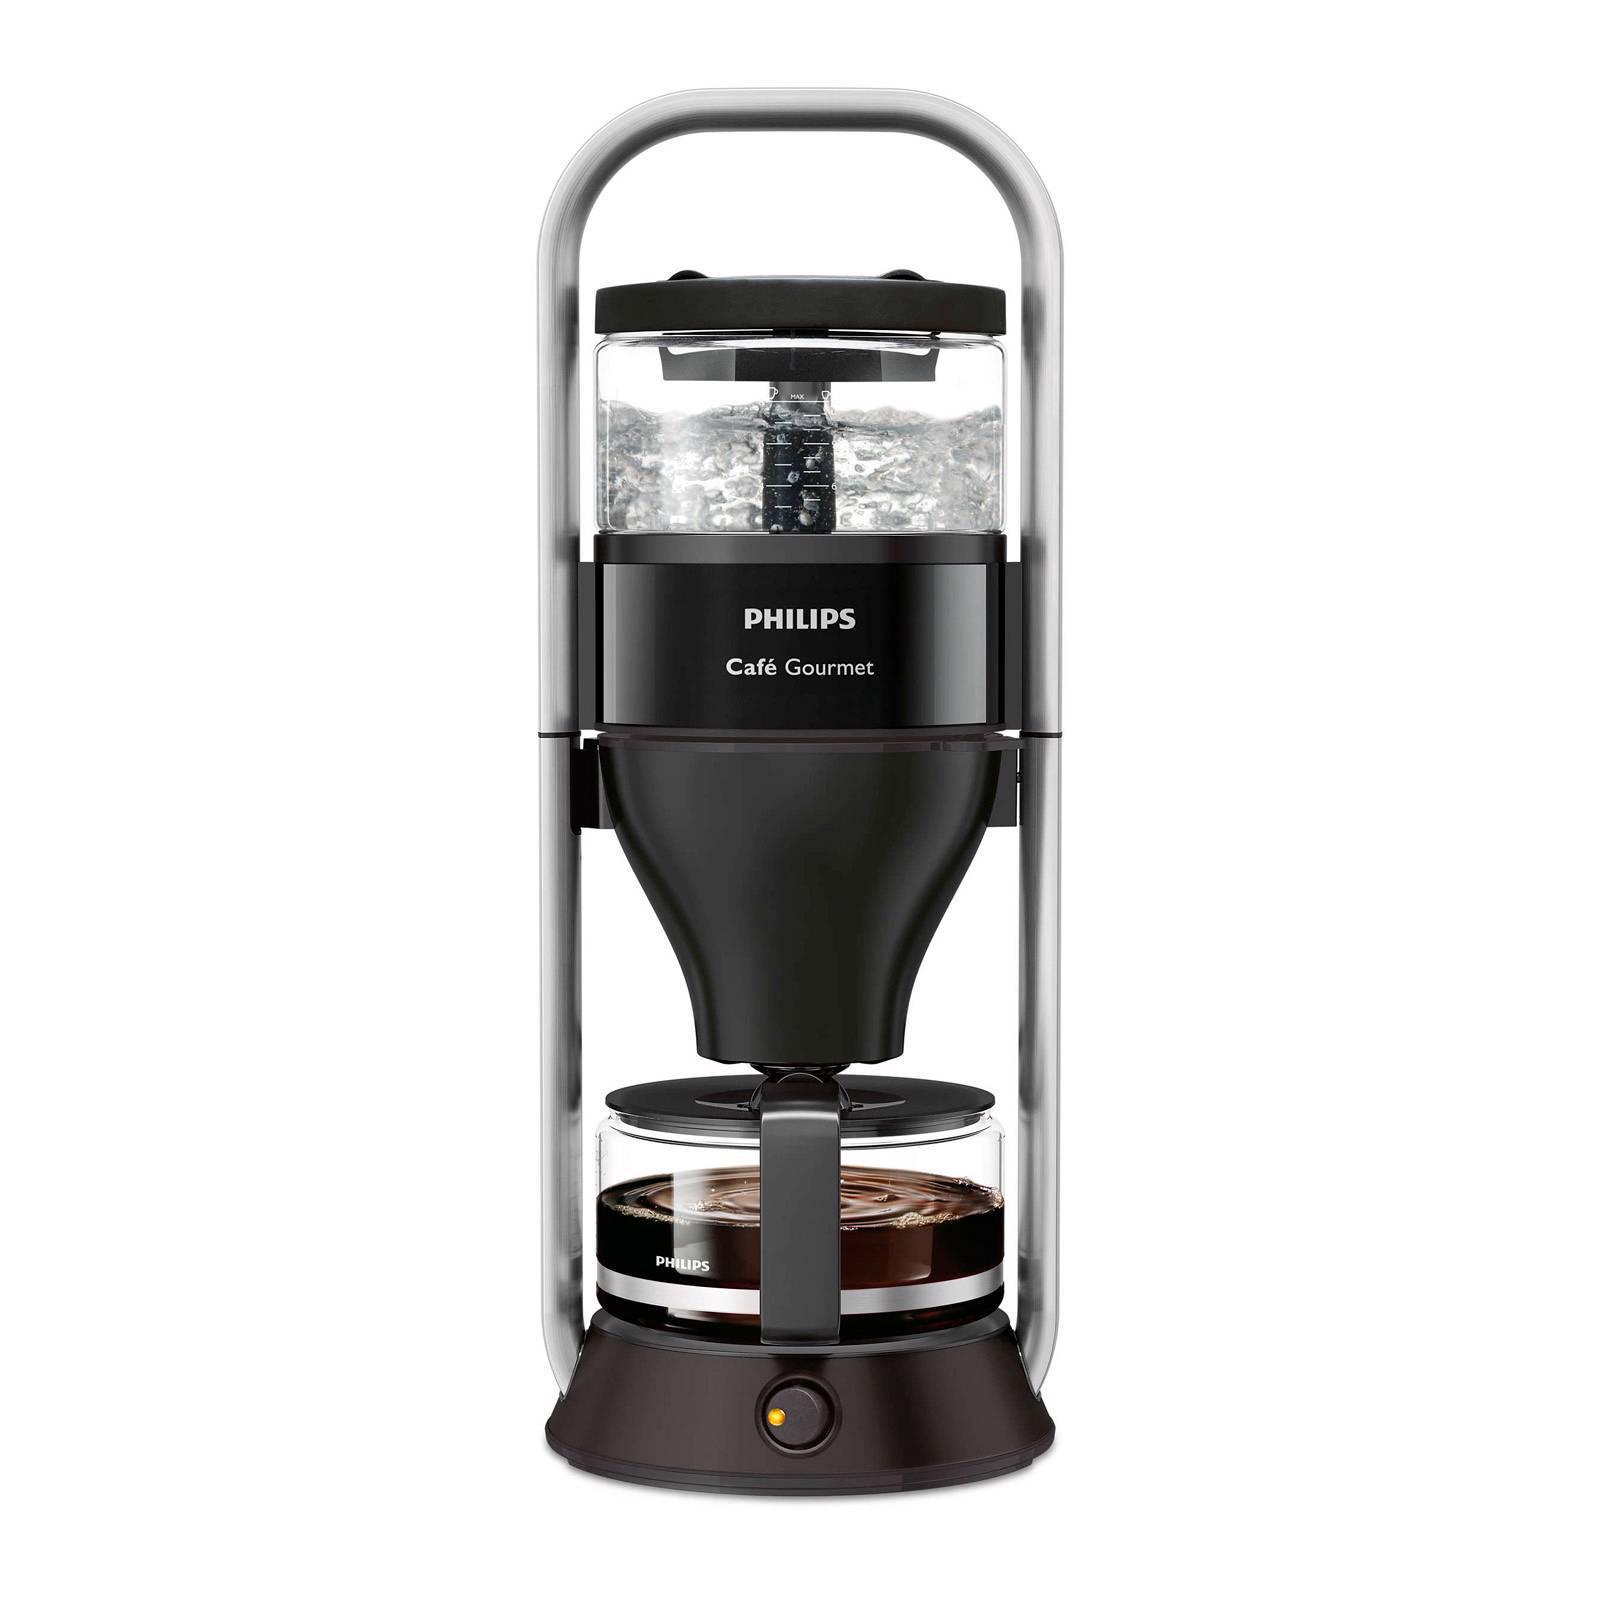 Philips HD5408/20 Café Gourmet koffiezetapparaat